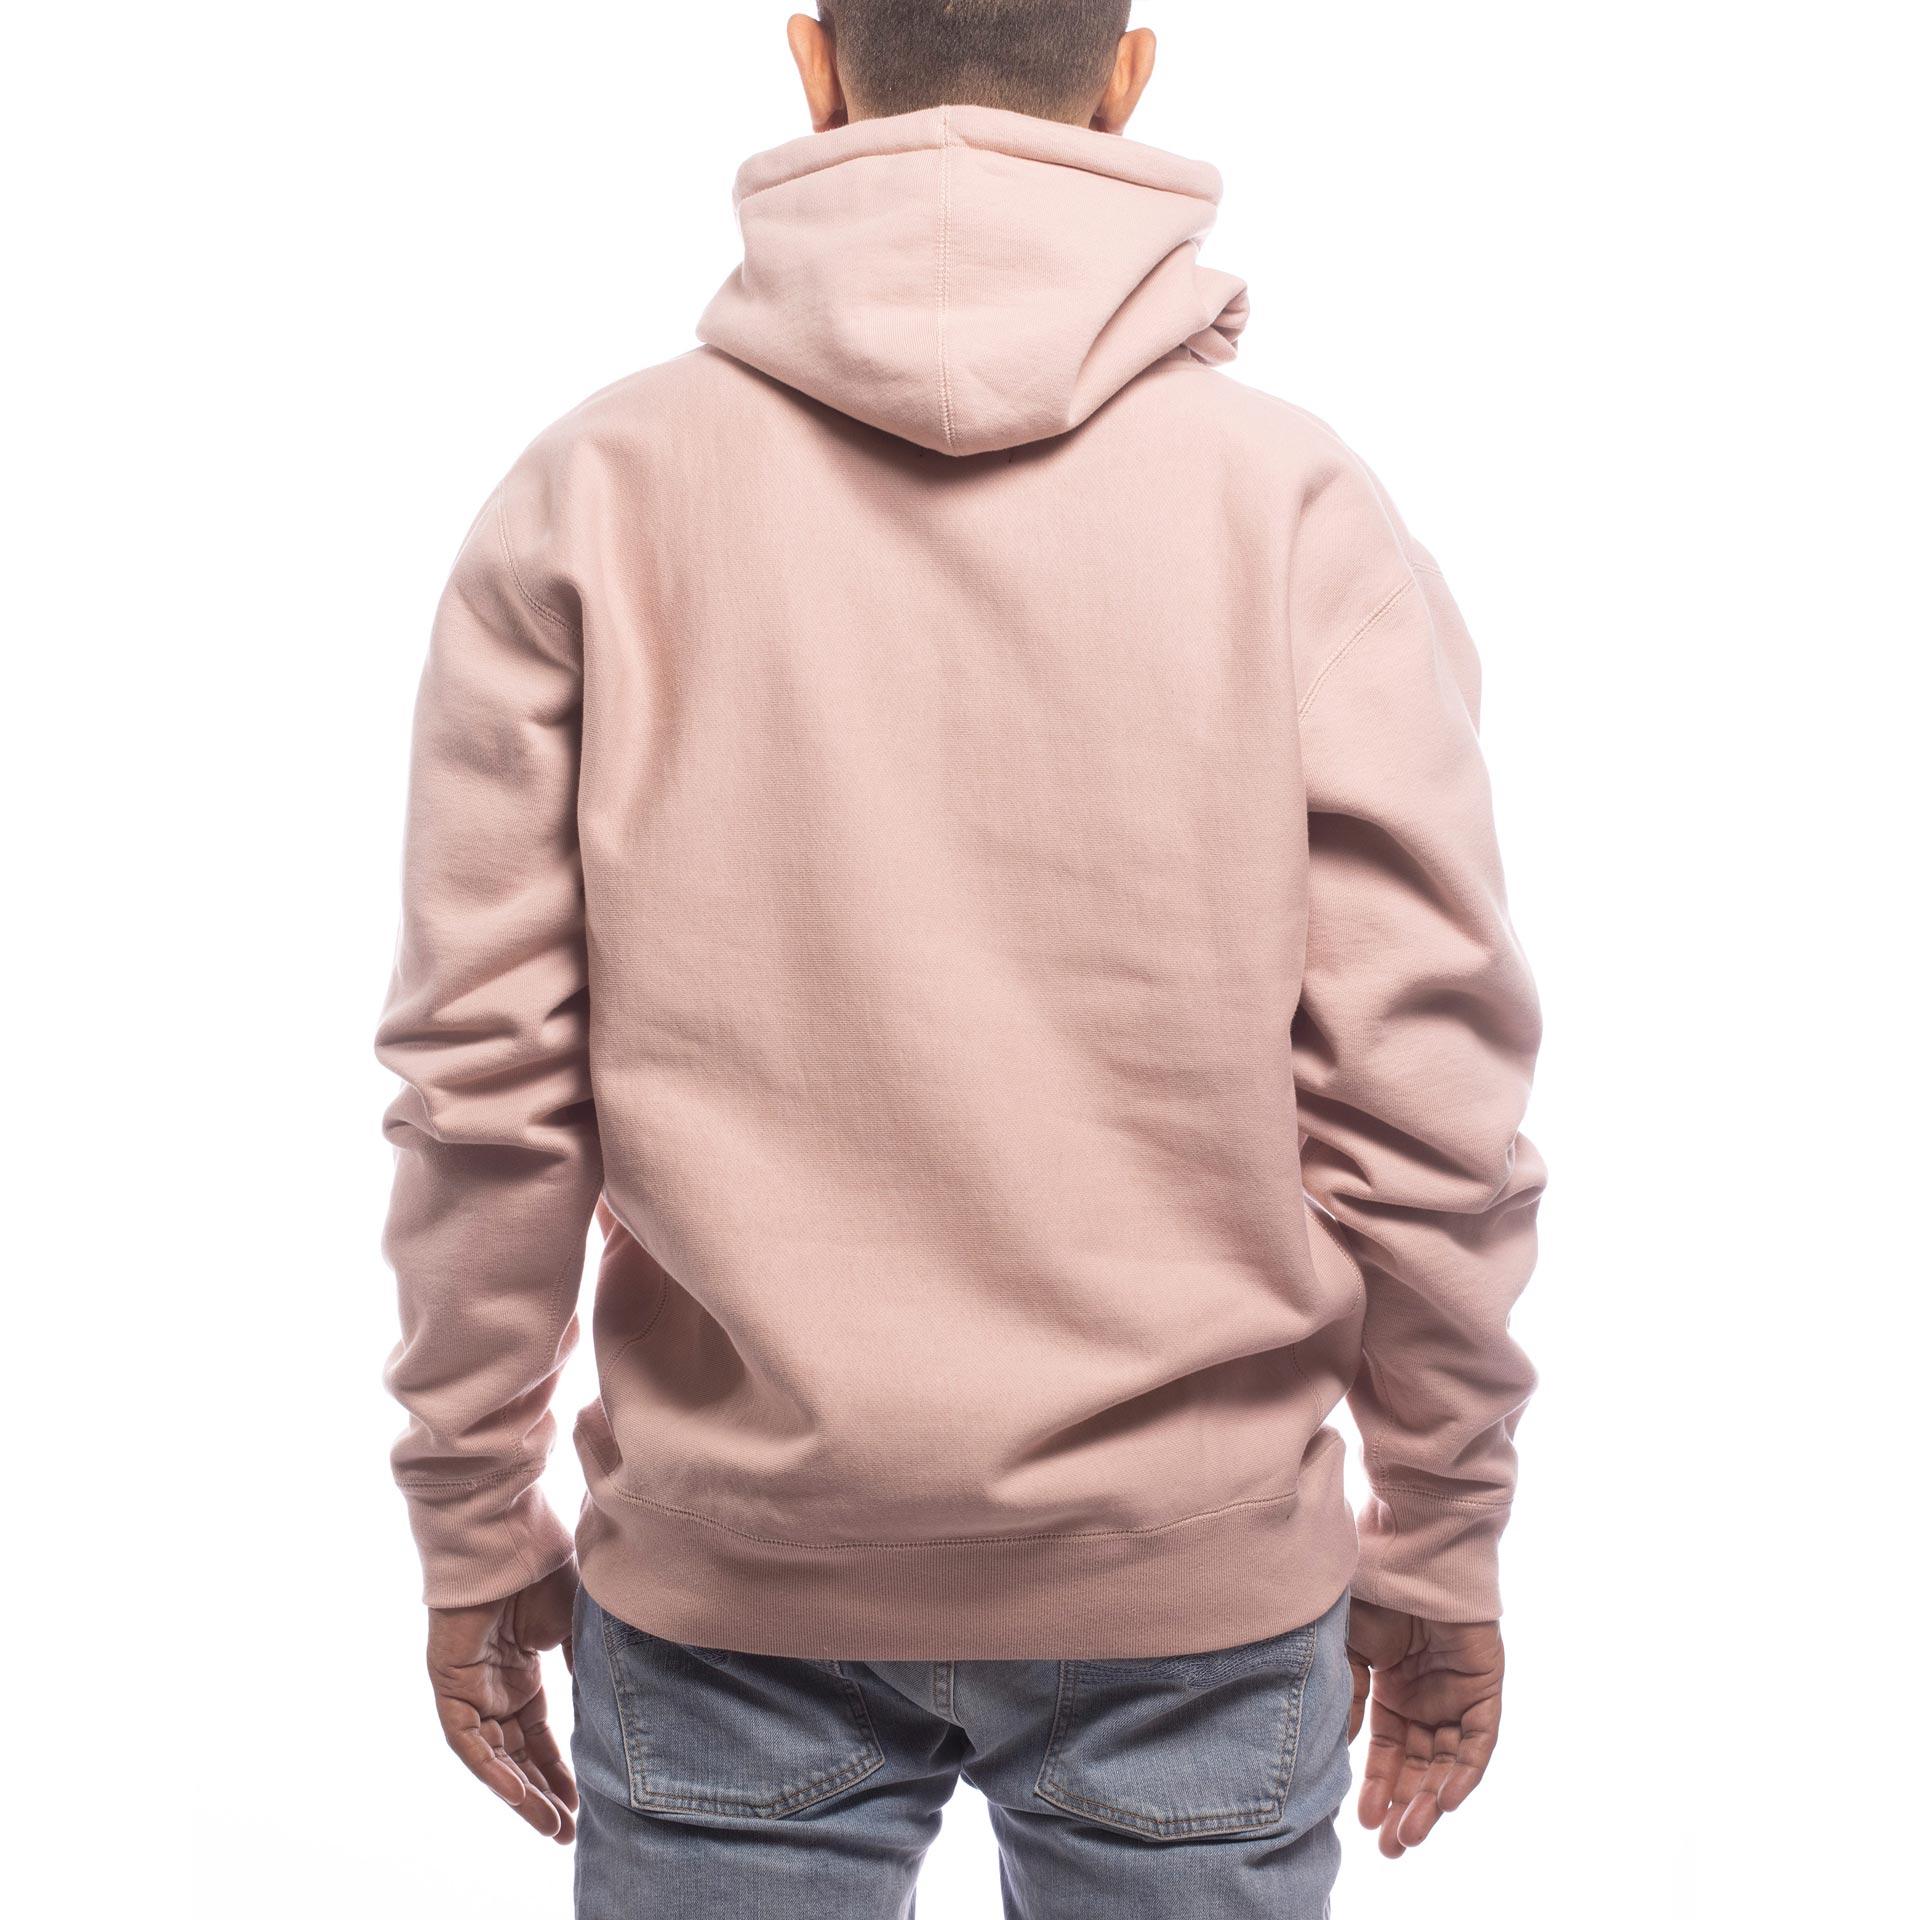 Premium Unisex Hoodie - Blush